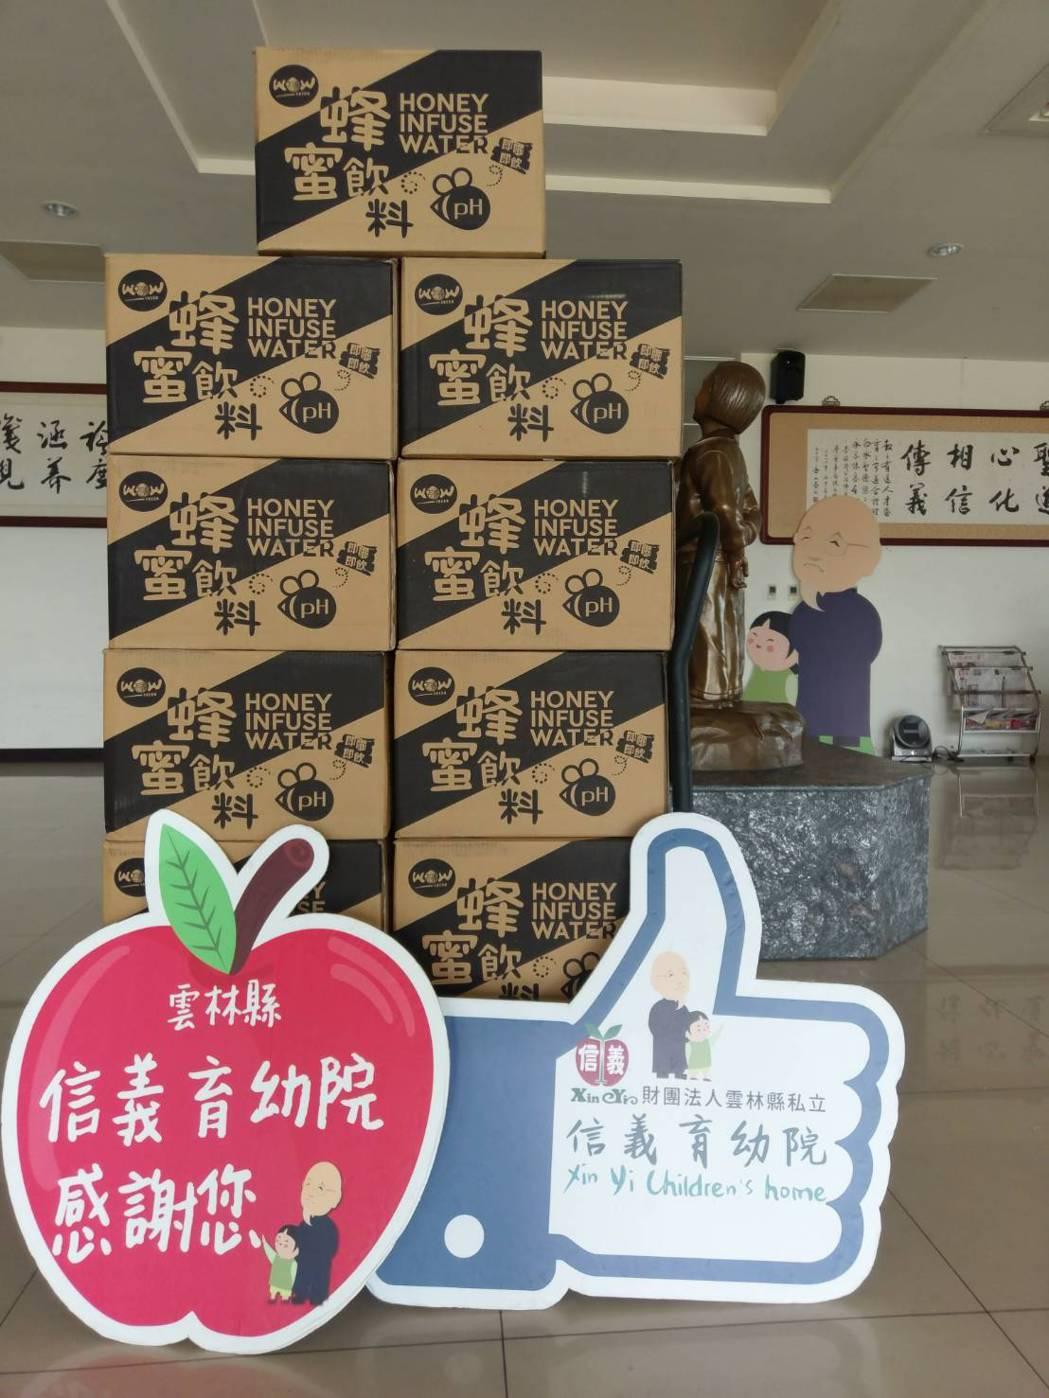 金色大地公司捐贈馬來西亞進口Wow-fresh蜂蜜飲料給雲林縣信義育幼院。 金色...